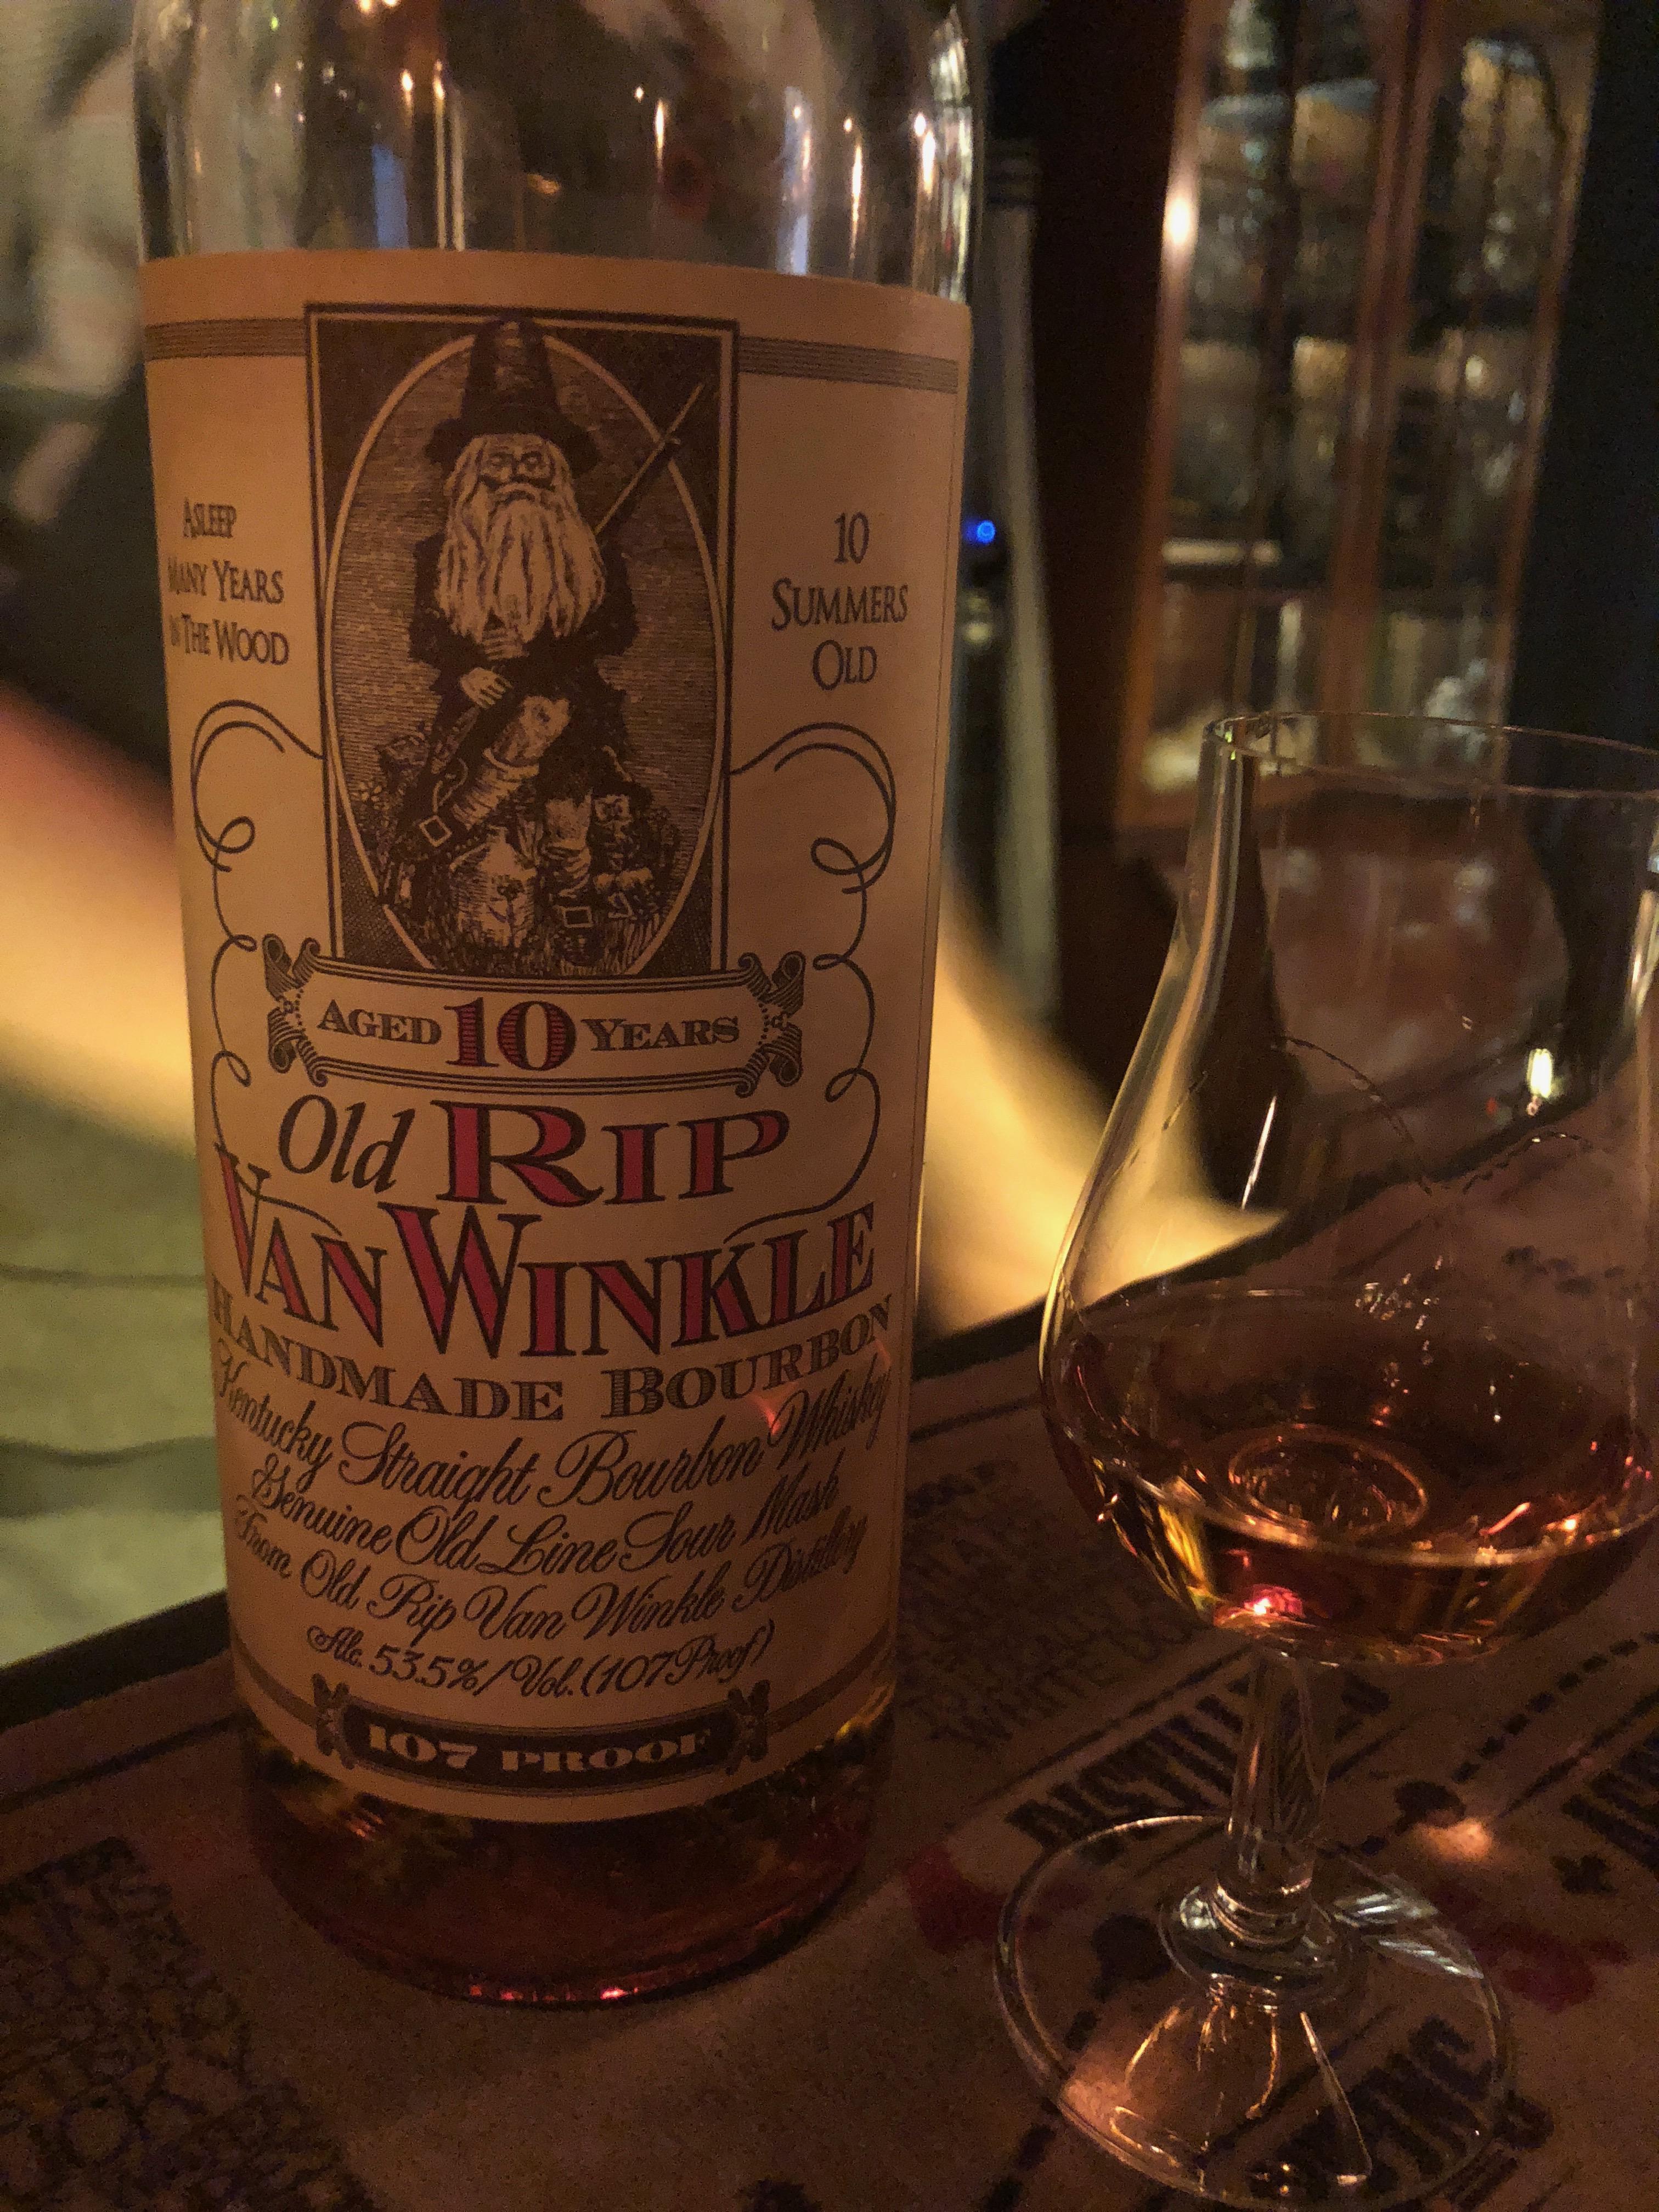 old rip van winkle 10 year review